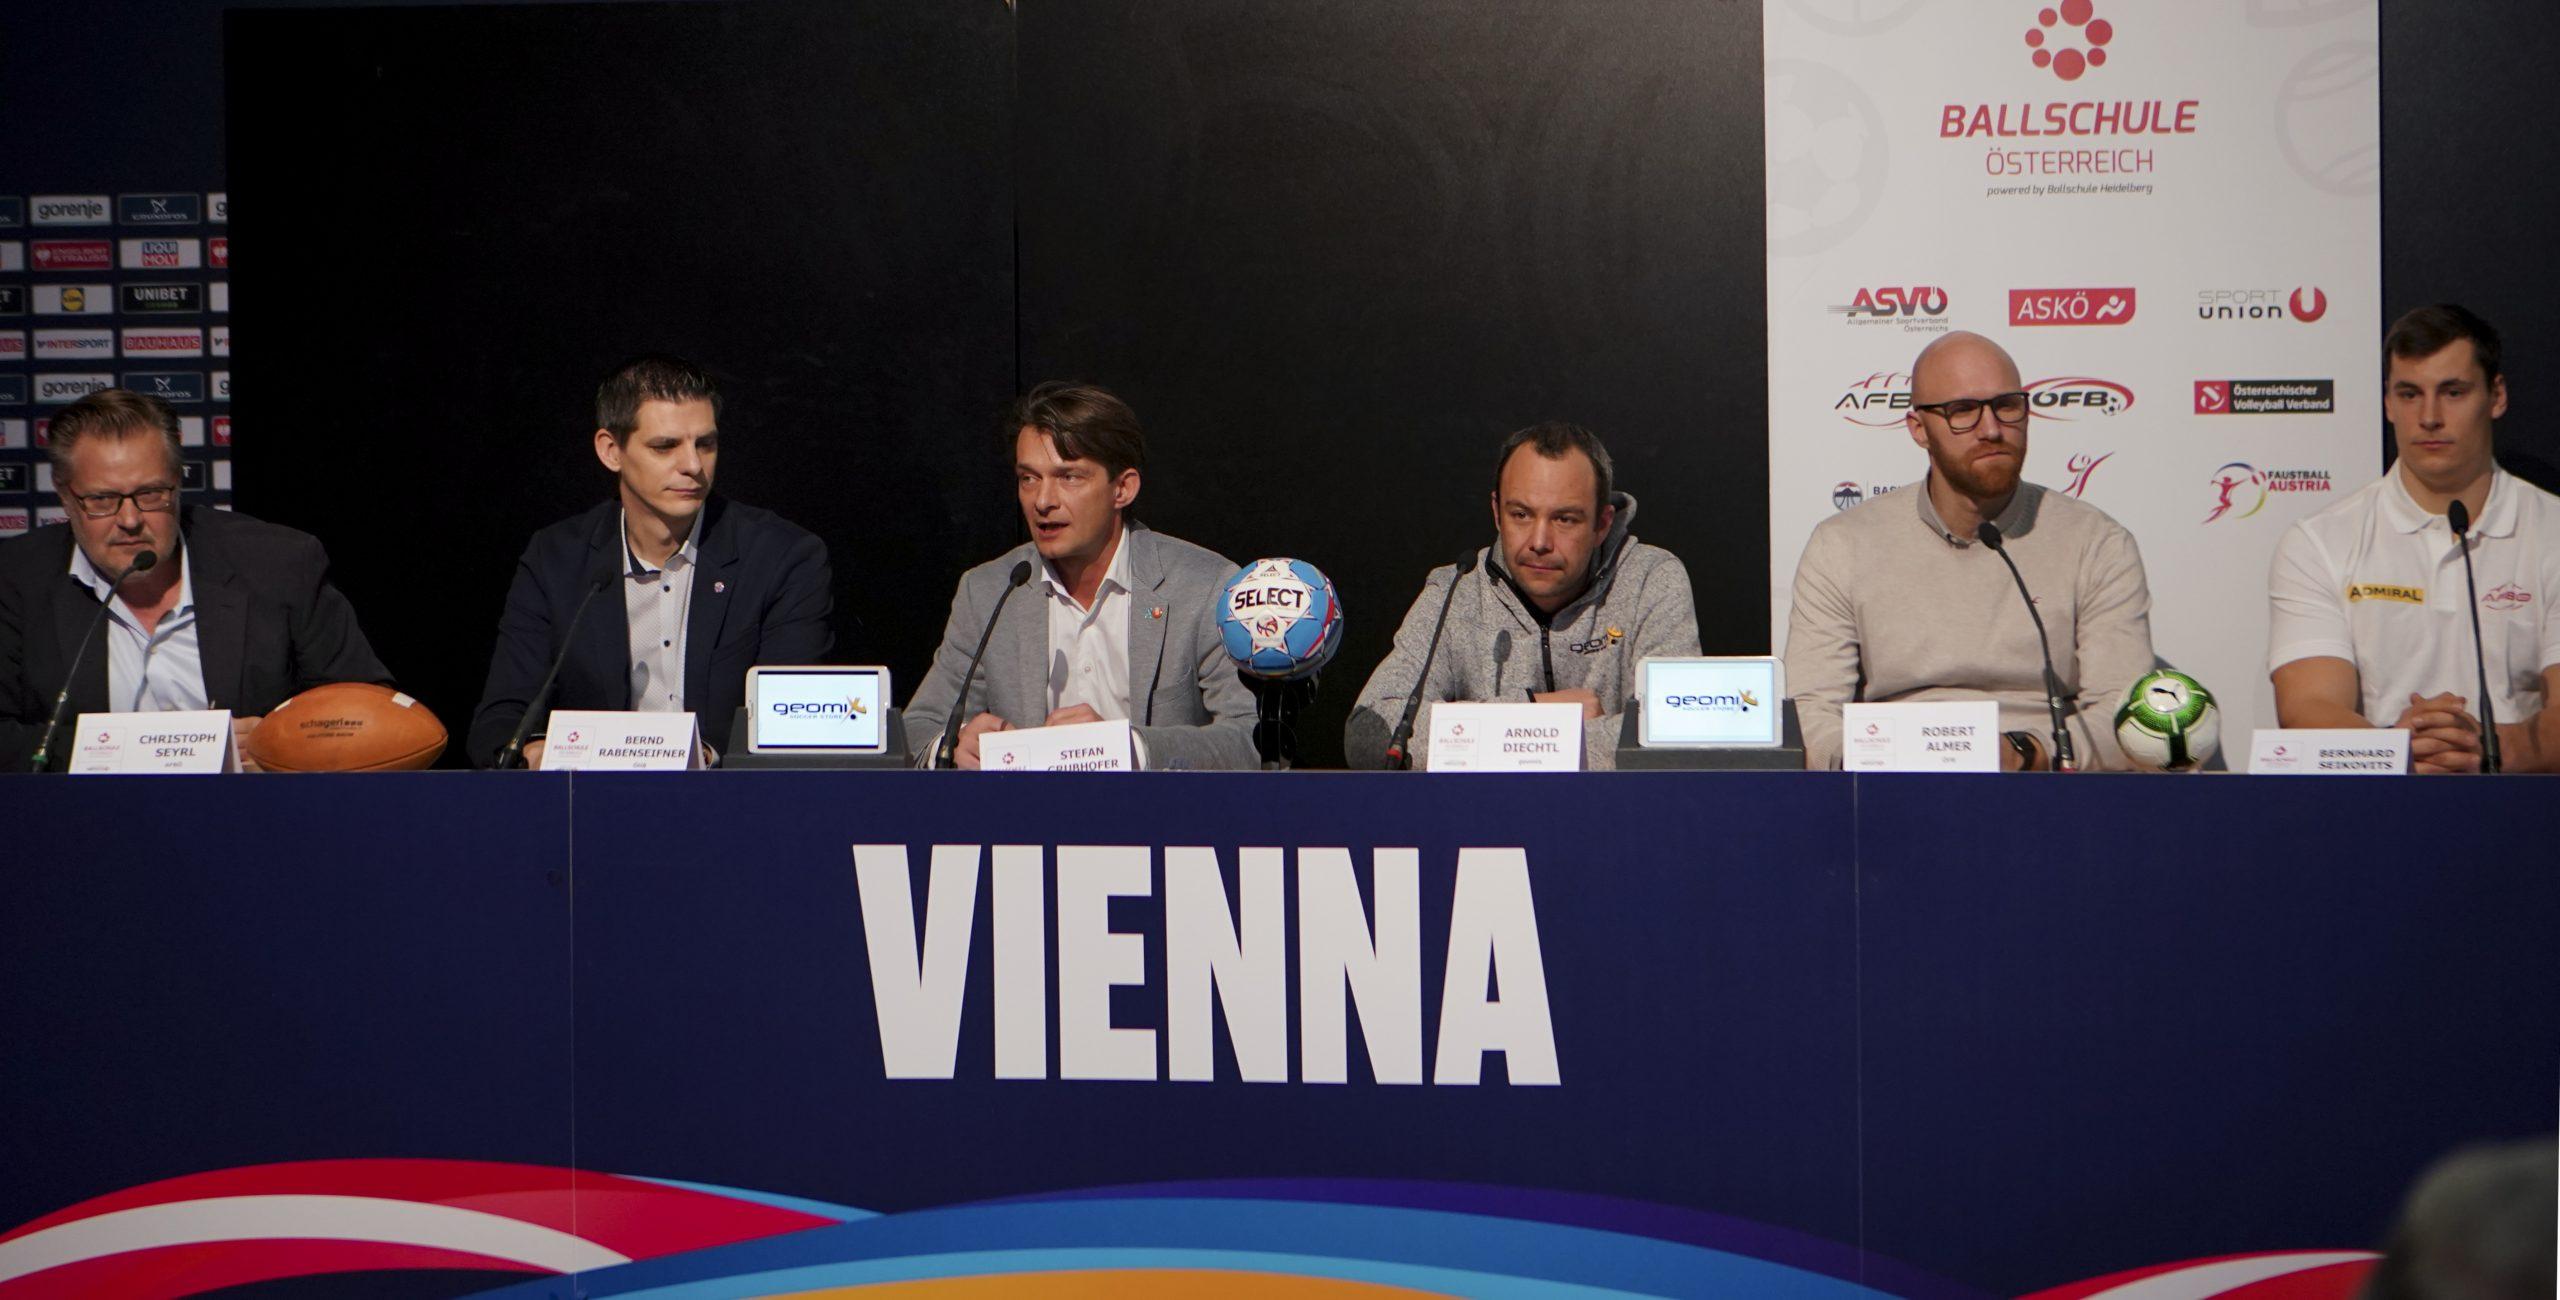 17.01.2020, Ballsport Pressekonferenz, Ballschule Oesterreich, Wien, Stadthalle